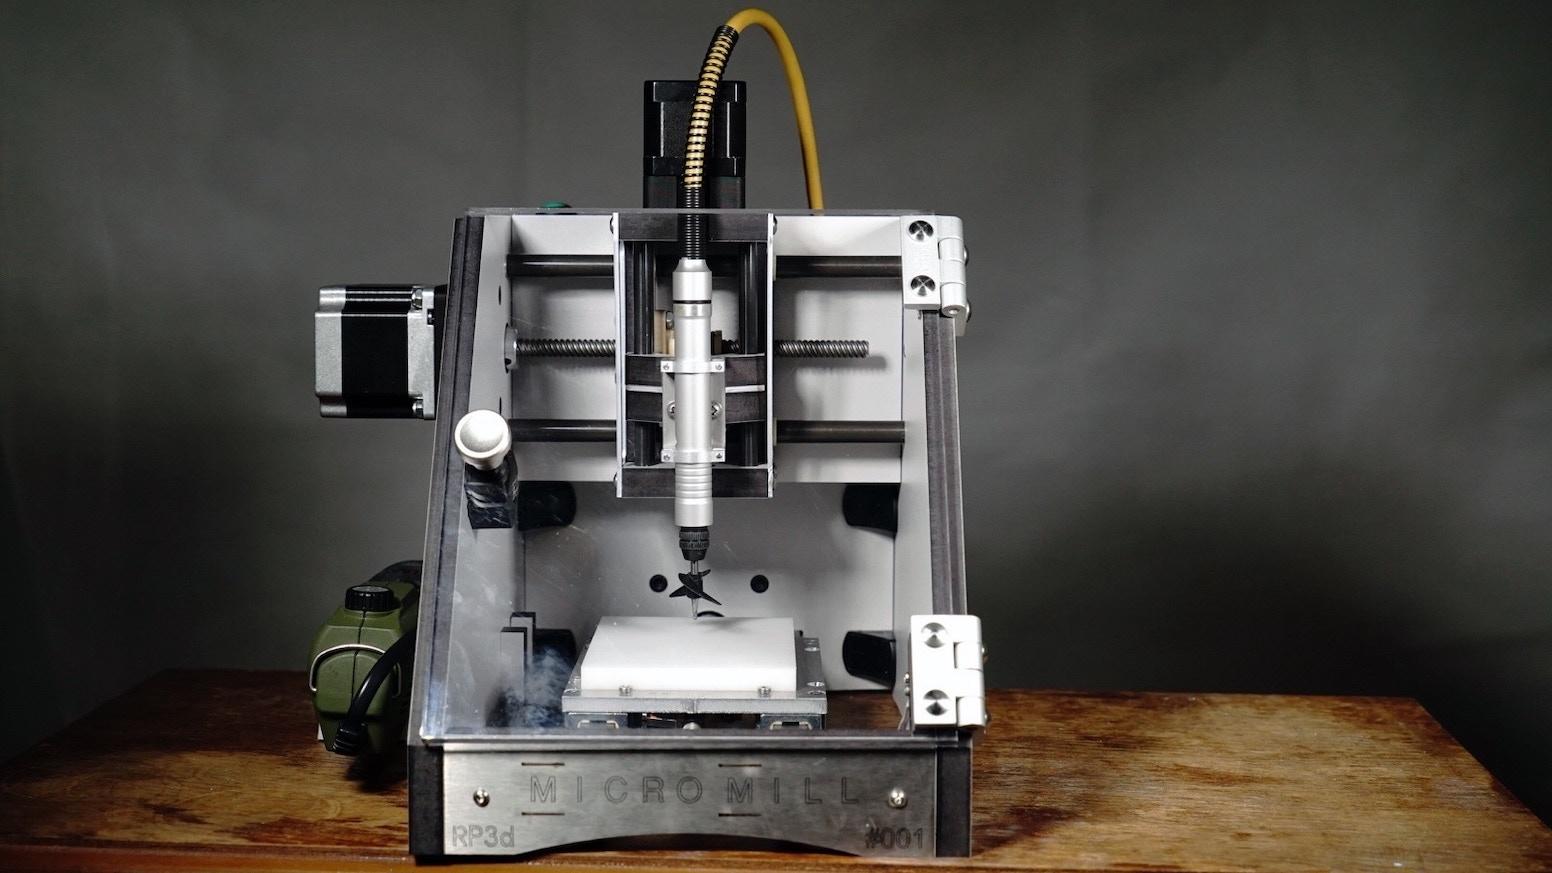 The MicroMill - A desktop CNC milling machine  by RP3d — Kickstarter